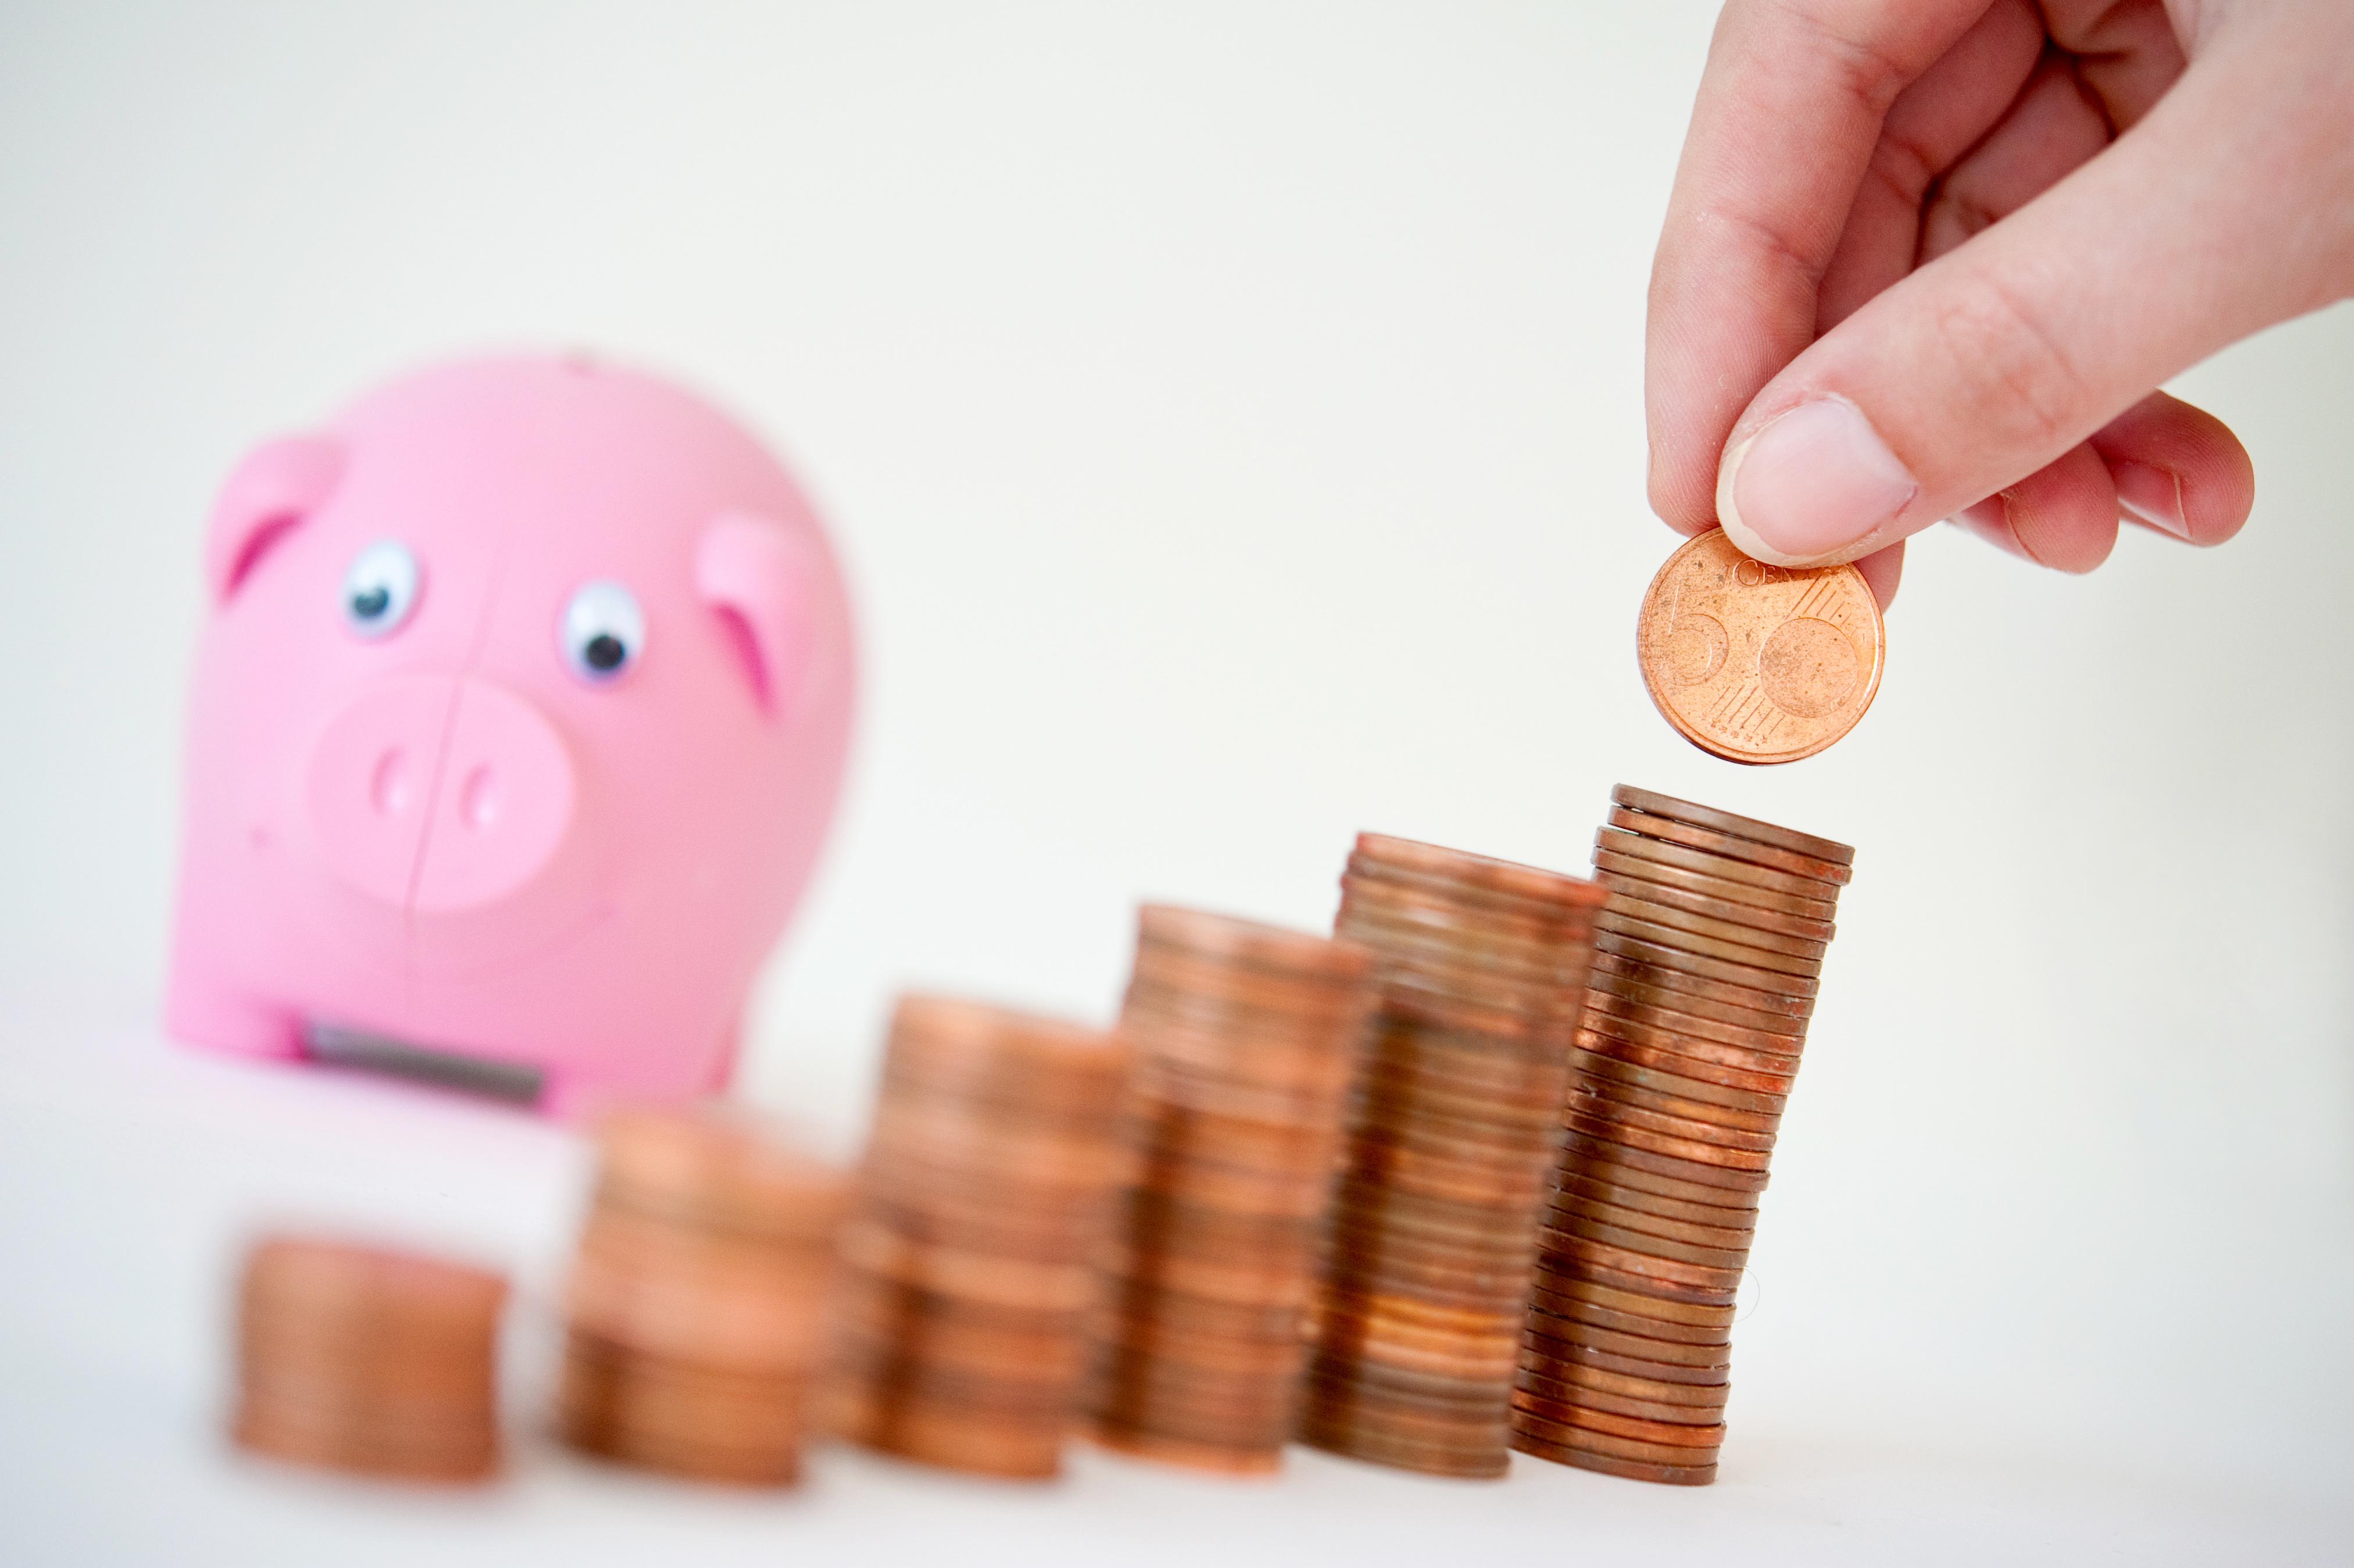 Manche Banken verlangen für Guthaben auf dem Konto ab dem ersten Euro Strafzinsen.